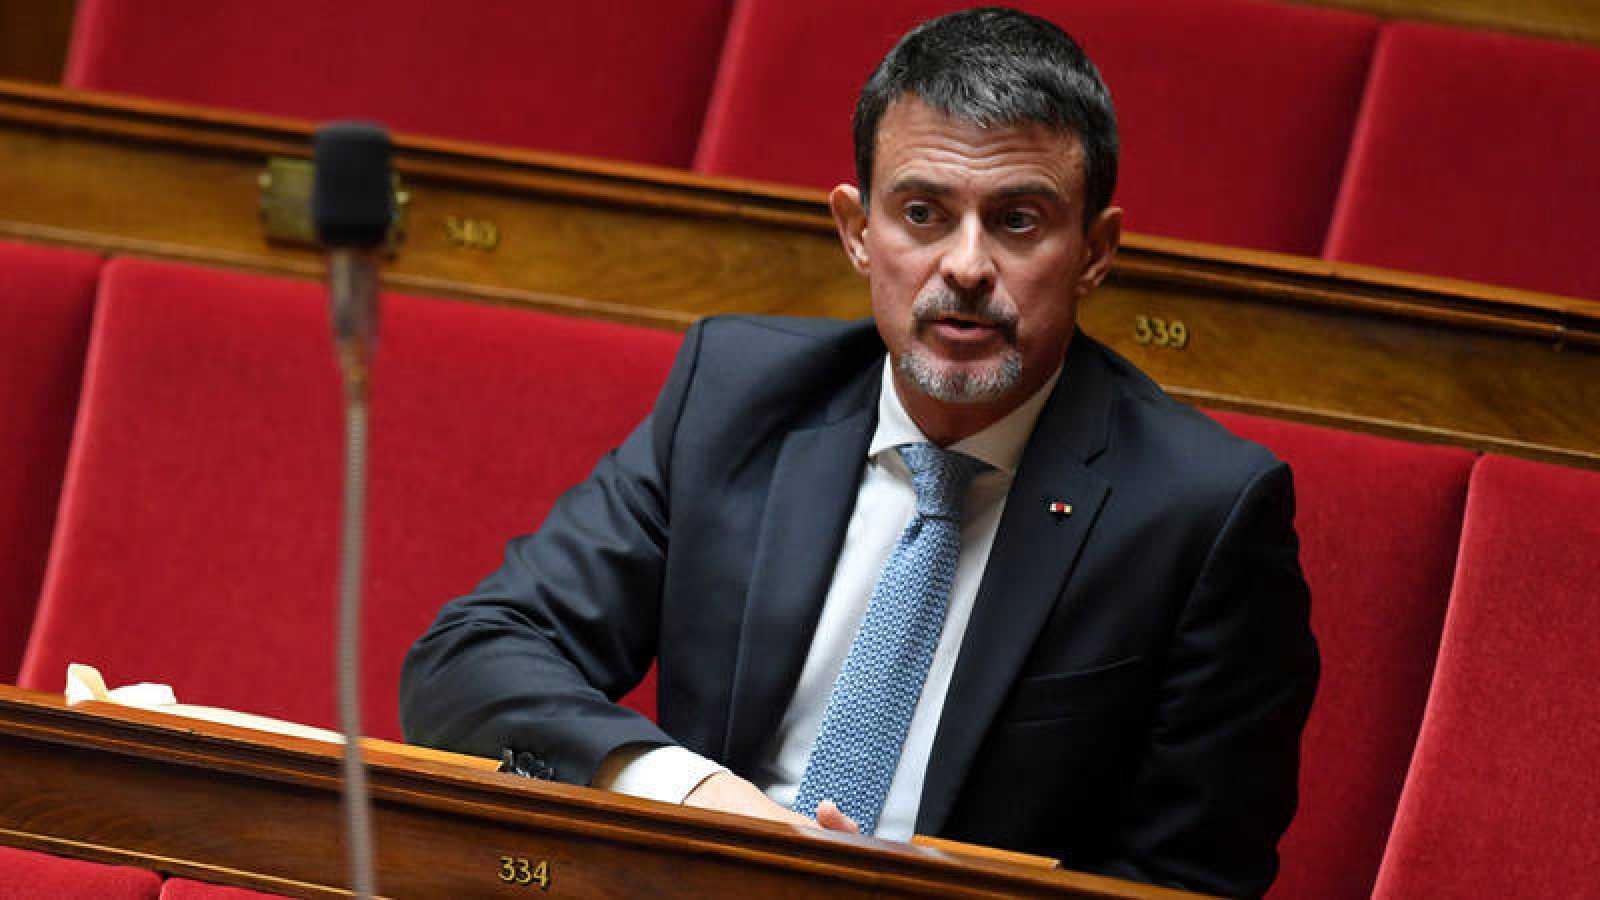 El exprimer ministro francés Manuel Valls